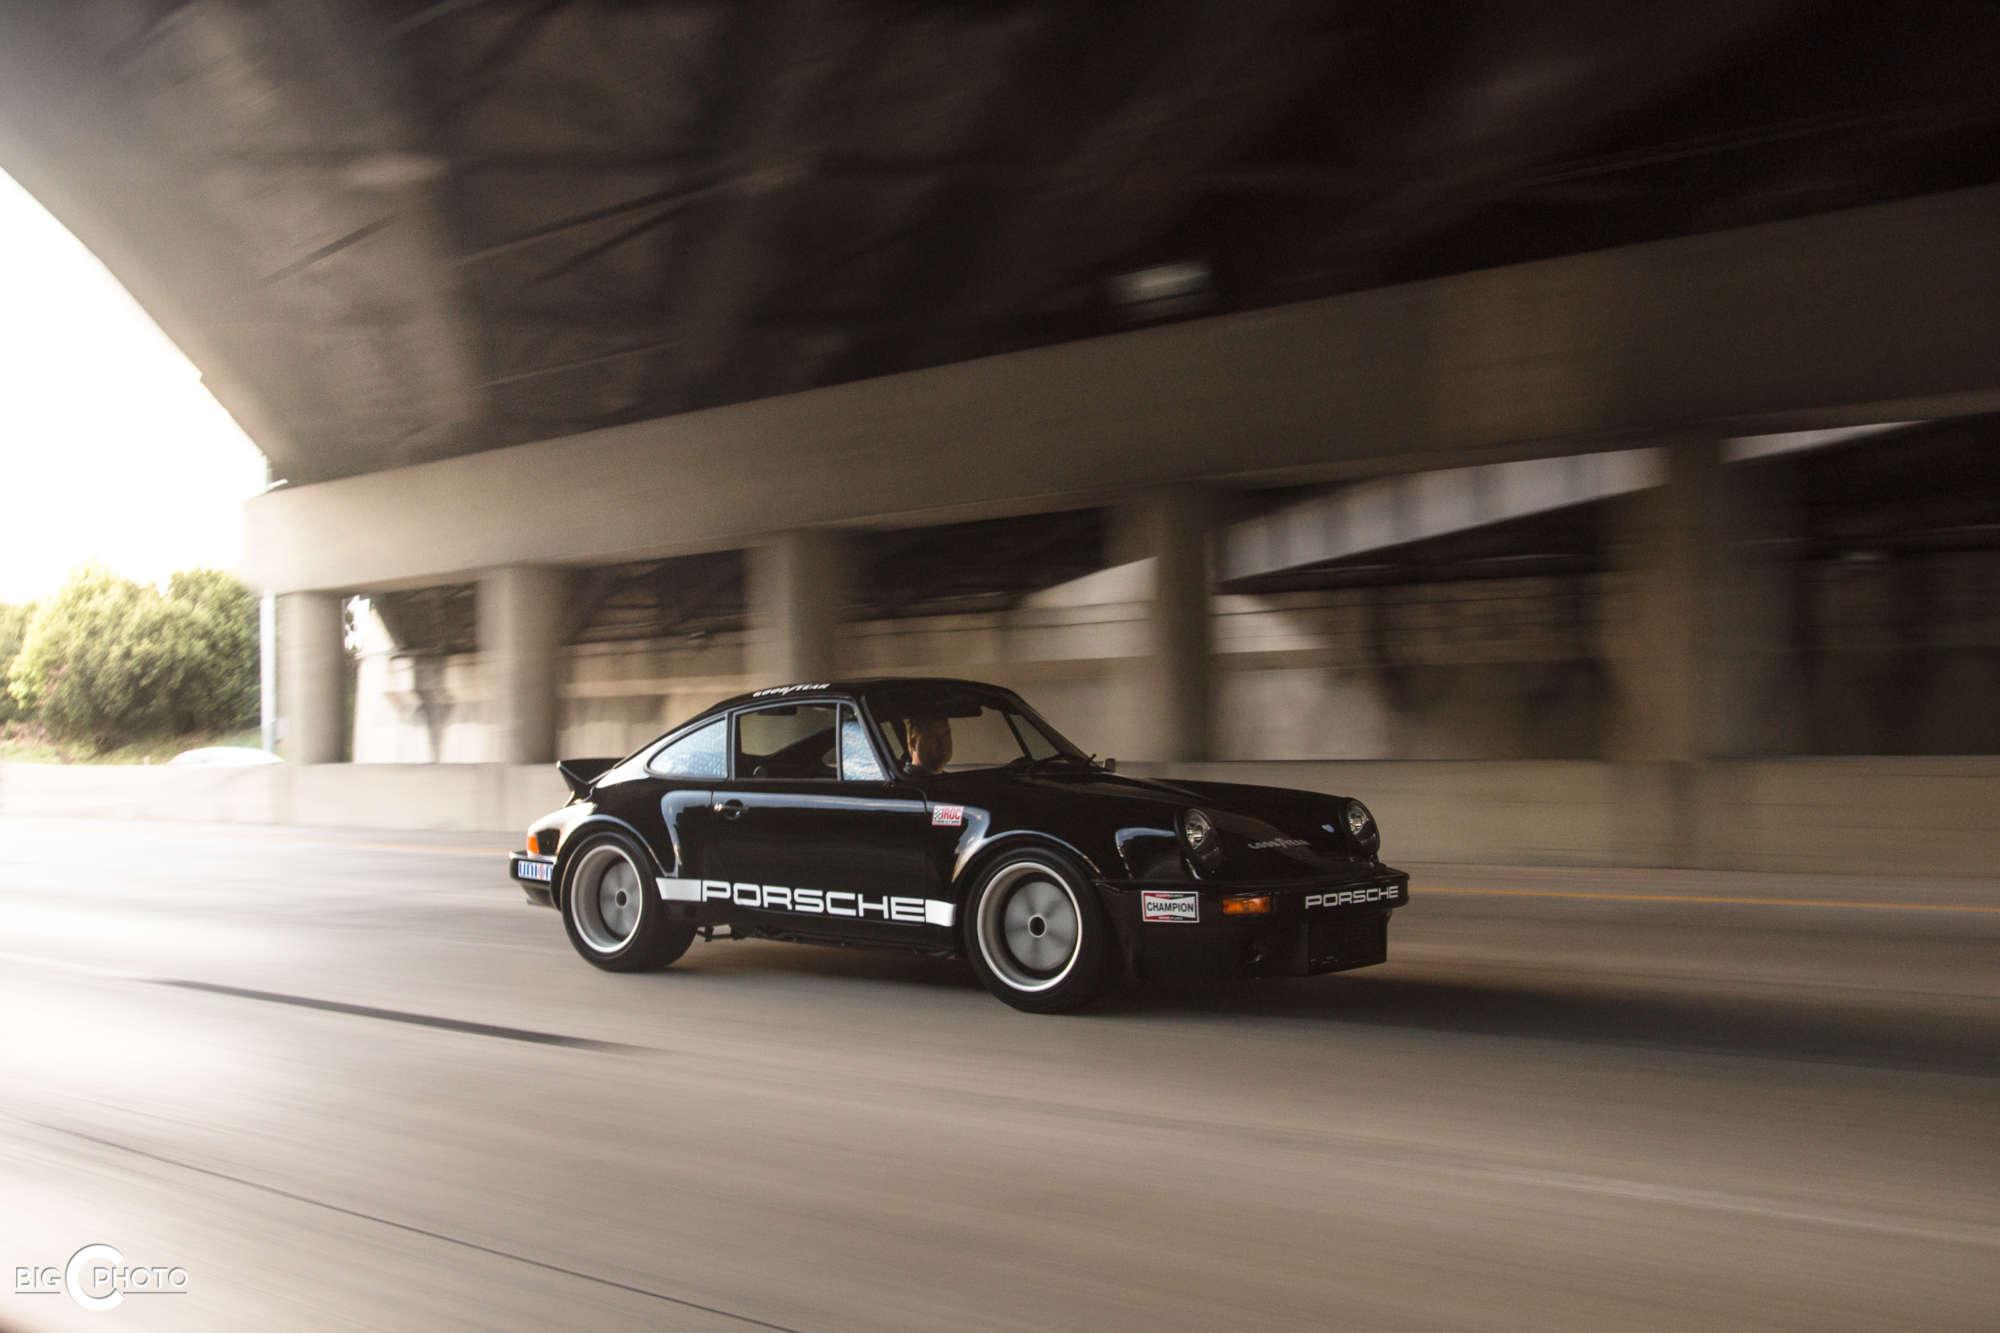 An IROC Porsche 911 RSR Reminiscence